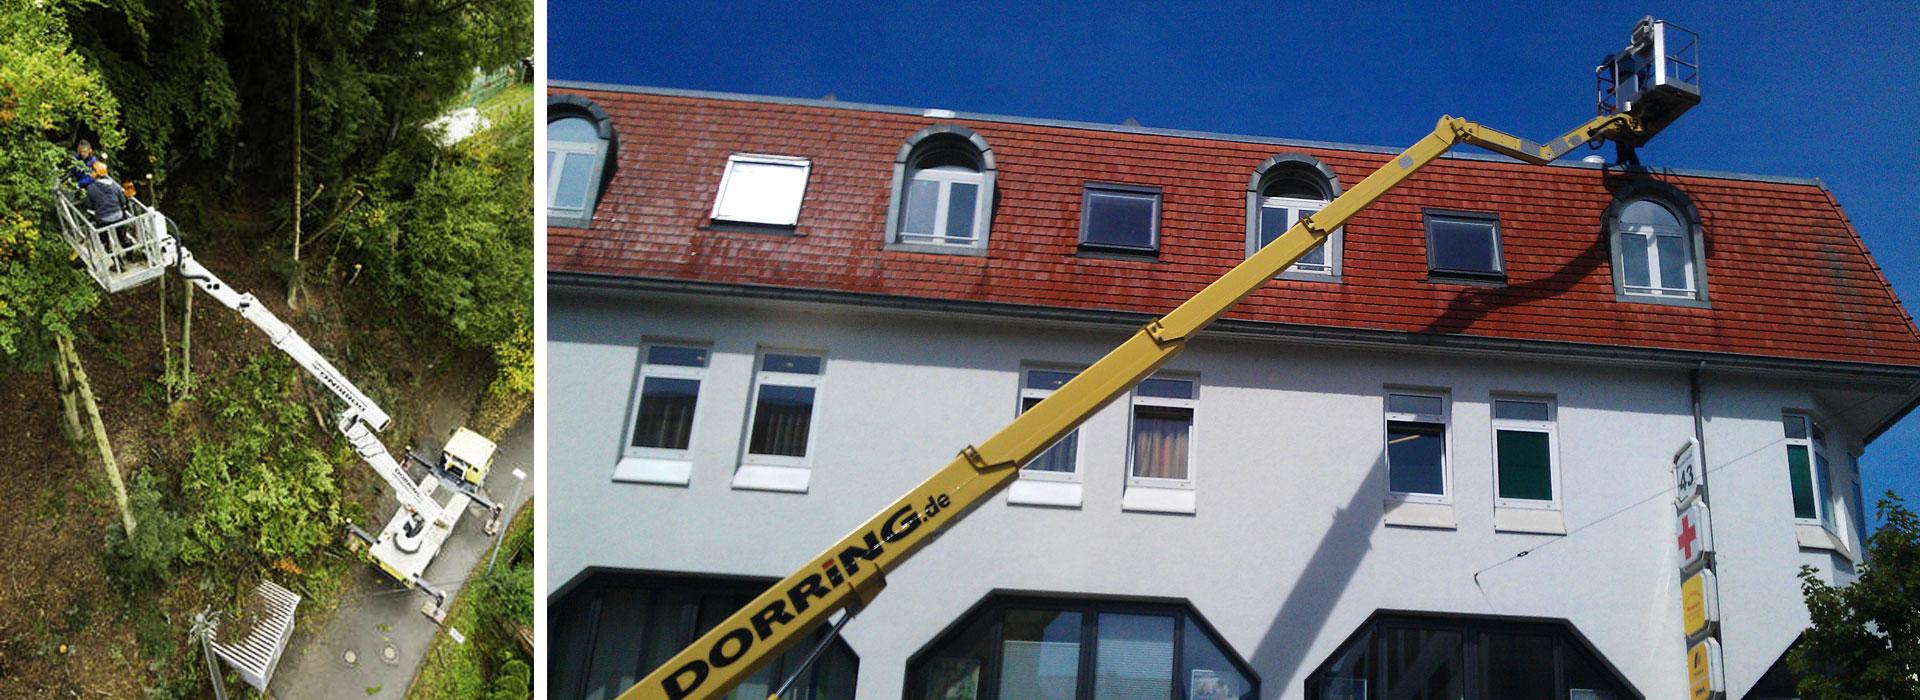 arbeitsbuhne-mieten-karlsruhe-fuer-baumschnitt-und-dacharbeiten